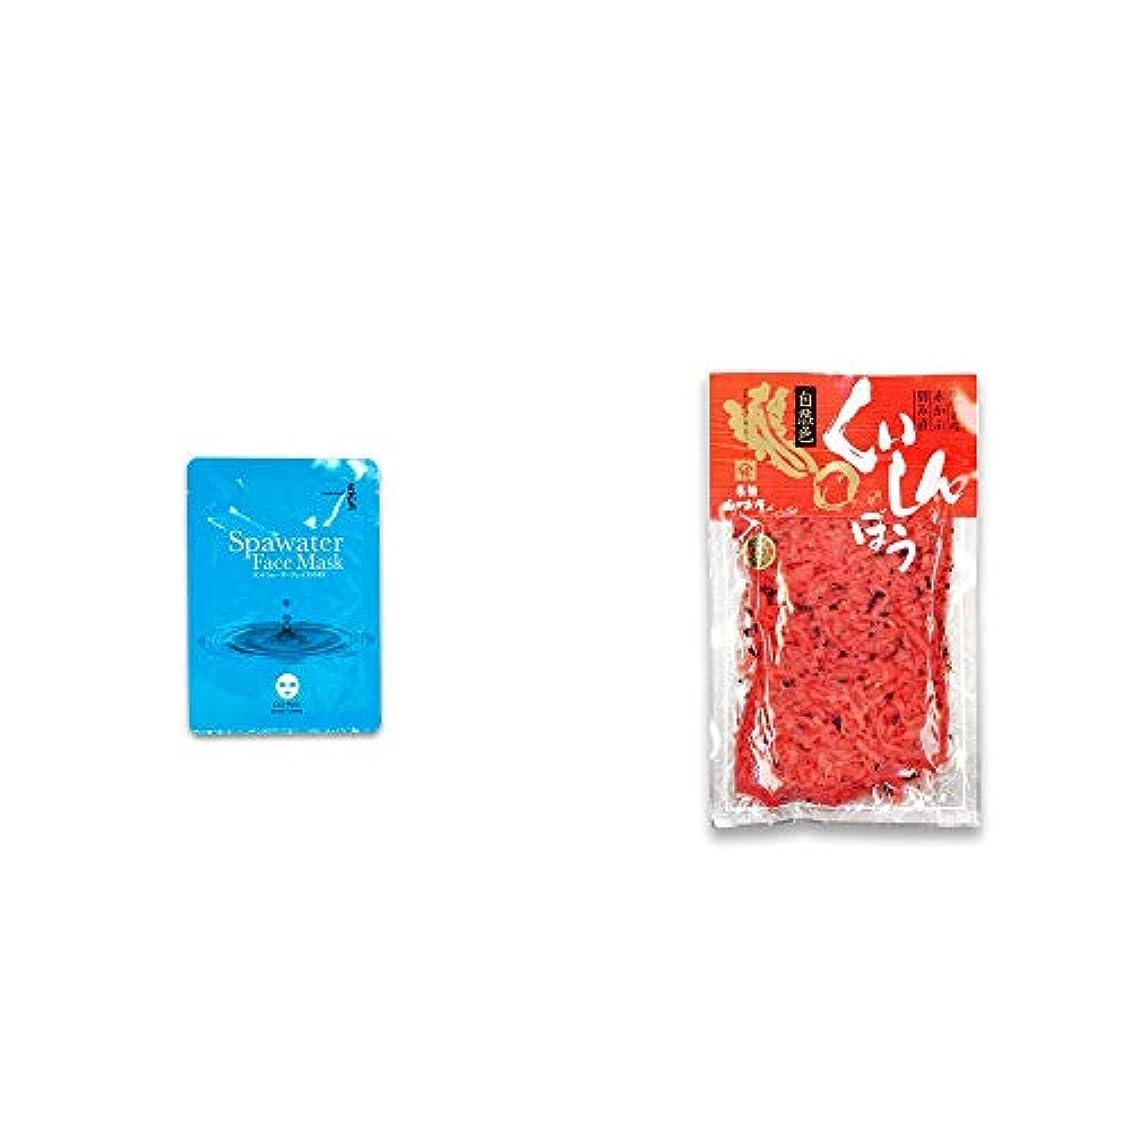 見つける怪物潮[2点セット] ひのき炭黒泉 スパウォーターフェイスマスク(18ml×3枚入)・飛騨山味屋 くいしんぼう【大】(260g) [赤かぶ刻み漬け]